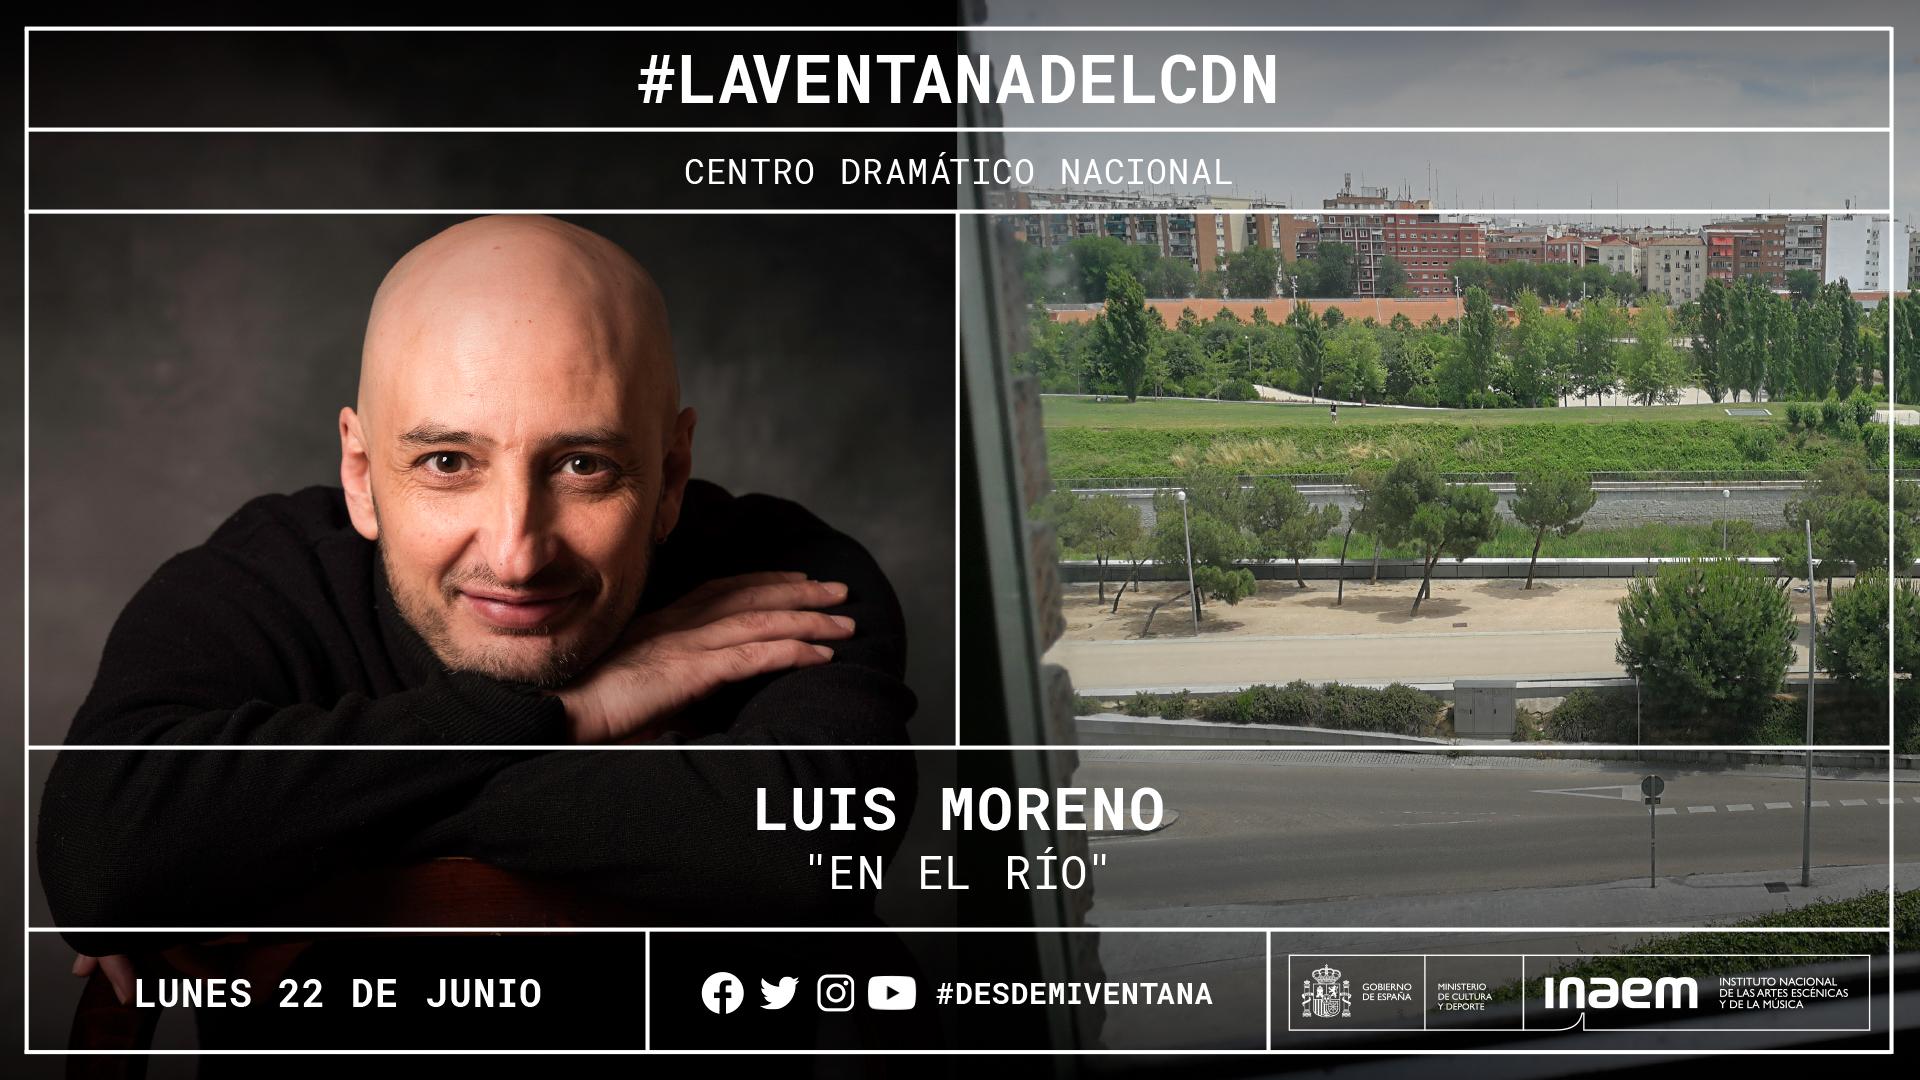 Luis Moreno nos cuenta sus días de confinamiento en el relato «En el río»